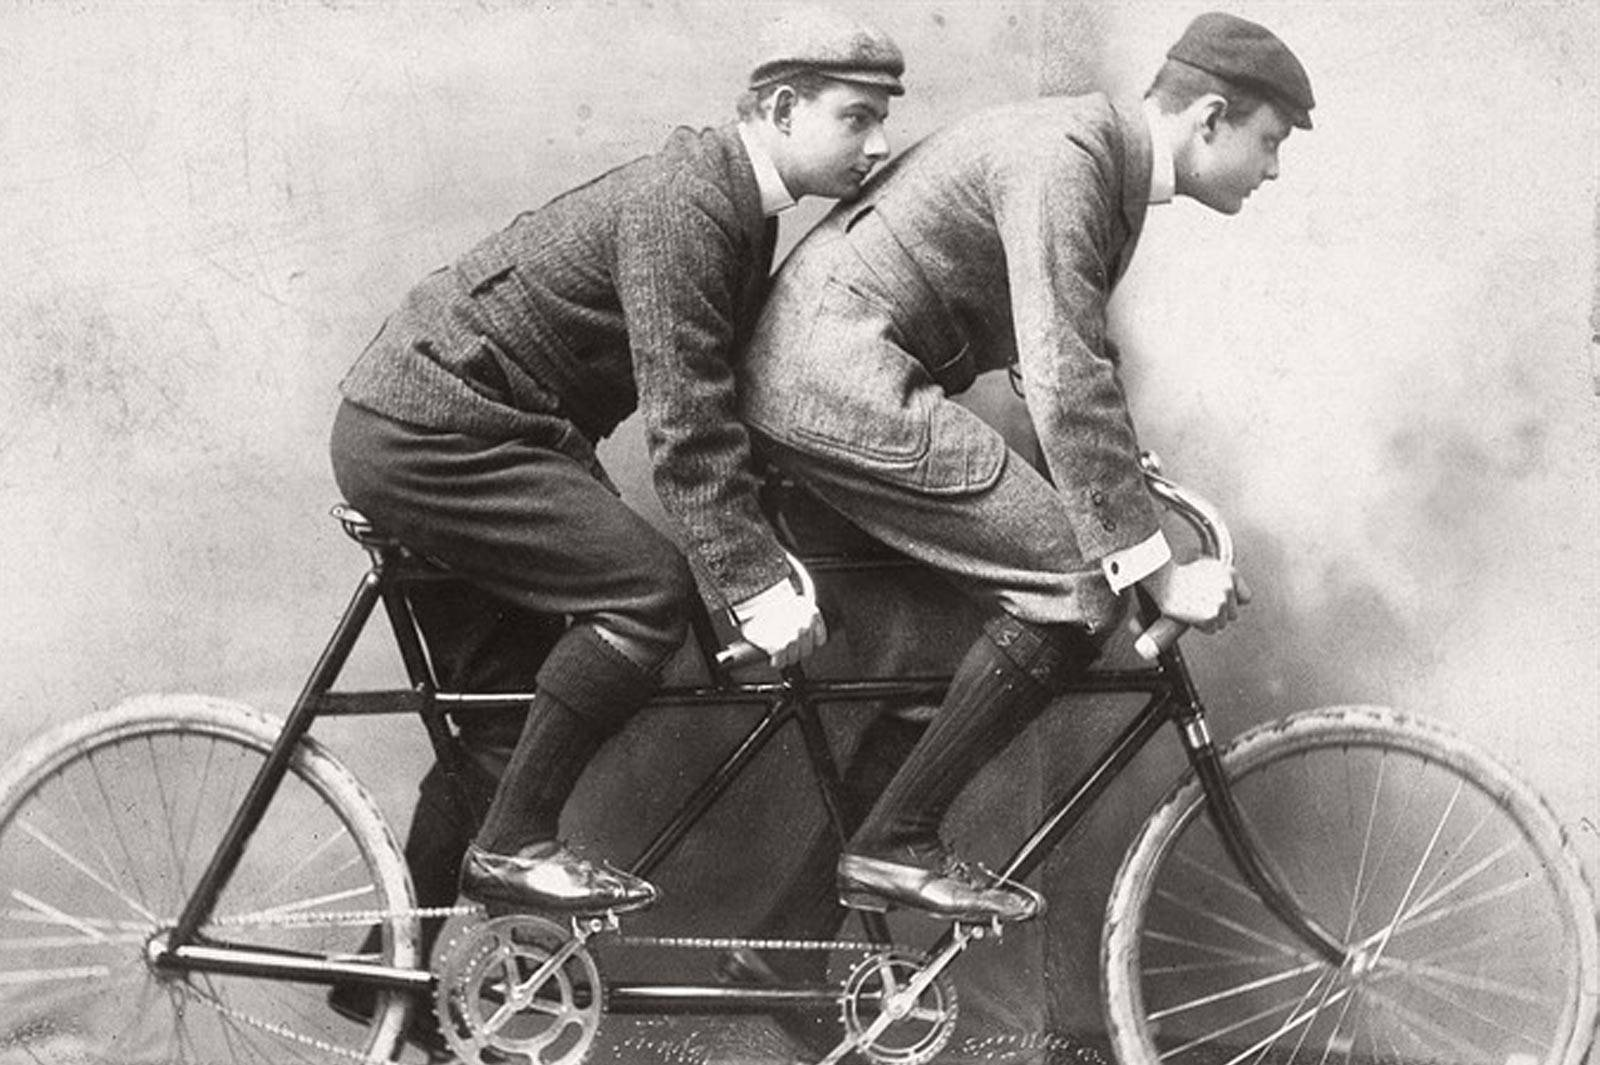 İlk bisikletler nasıl görünüyordu?